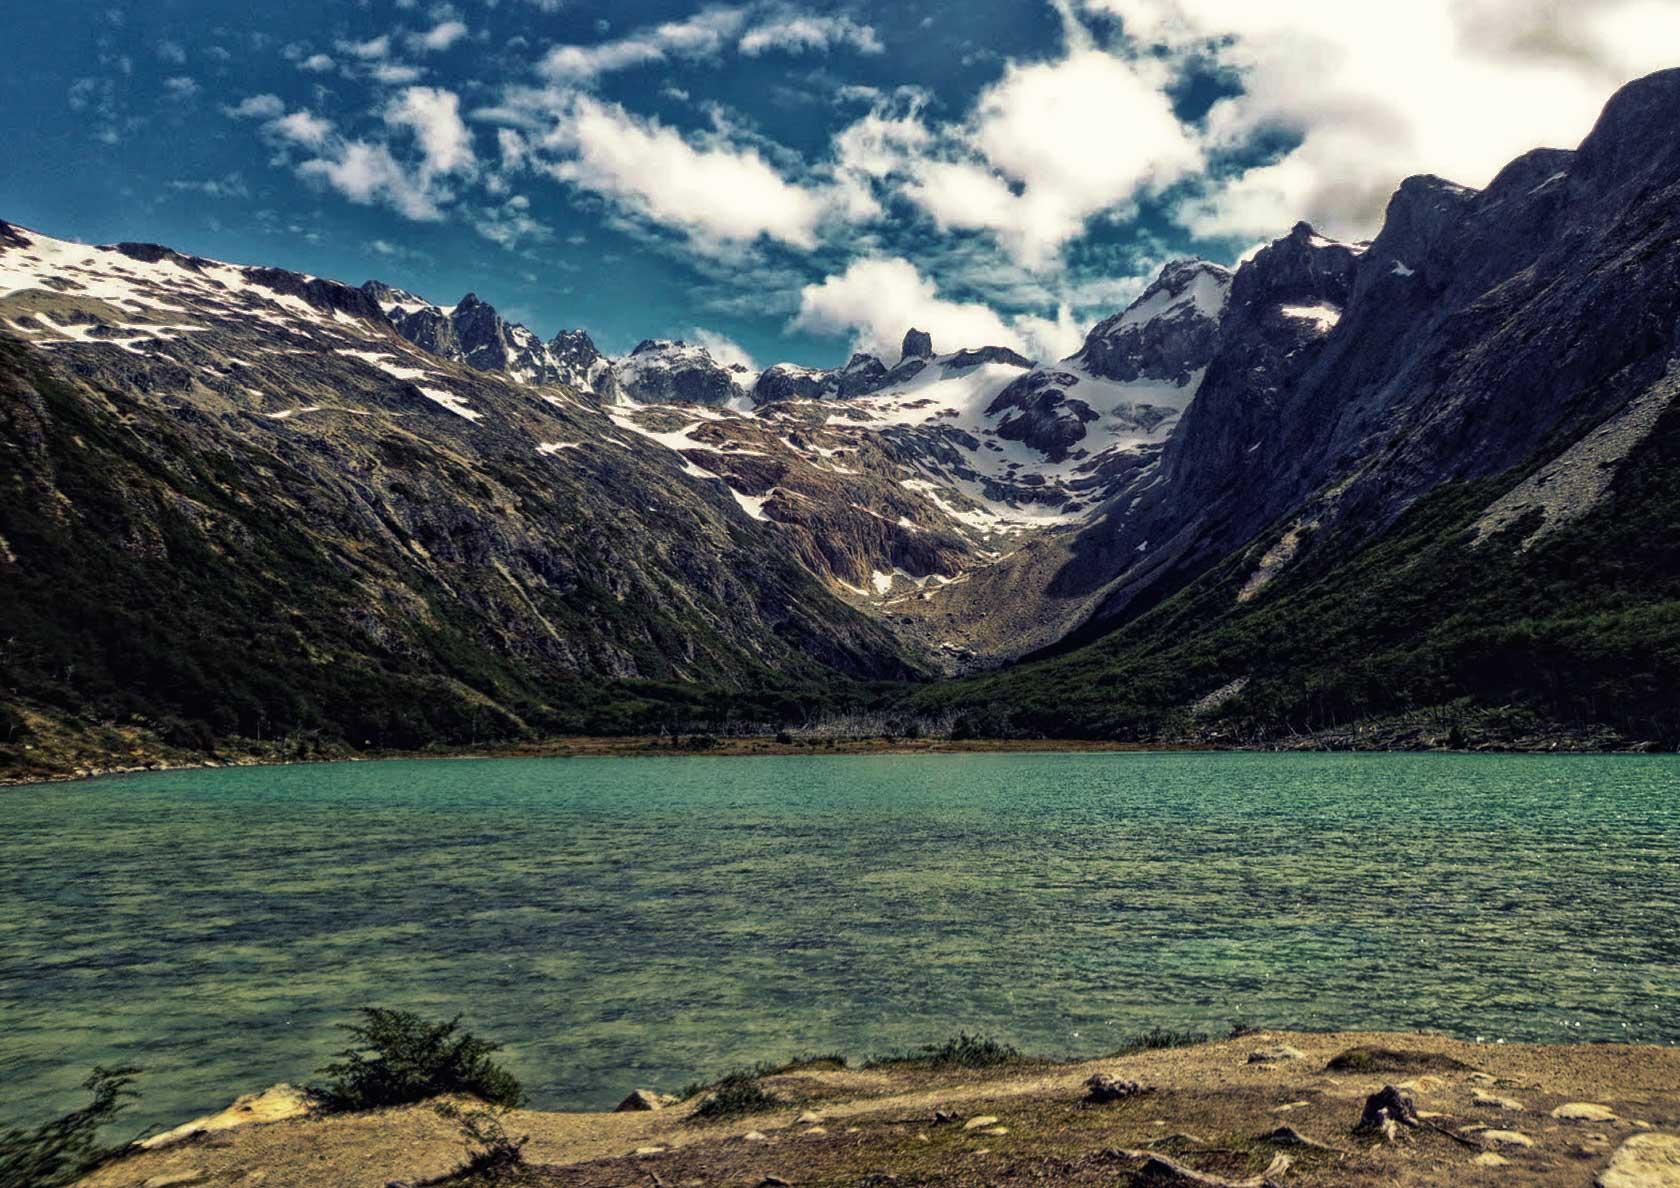 viajar-turismo-operadora-pacote-viagem-america-sul-argentina-paraguai-descubra-usuhaia-buenos-aires-pacotes-turismo-viagem-viagens-america-sul